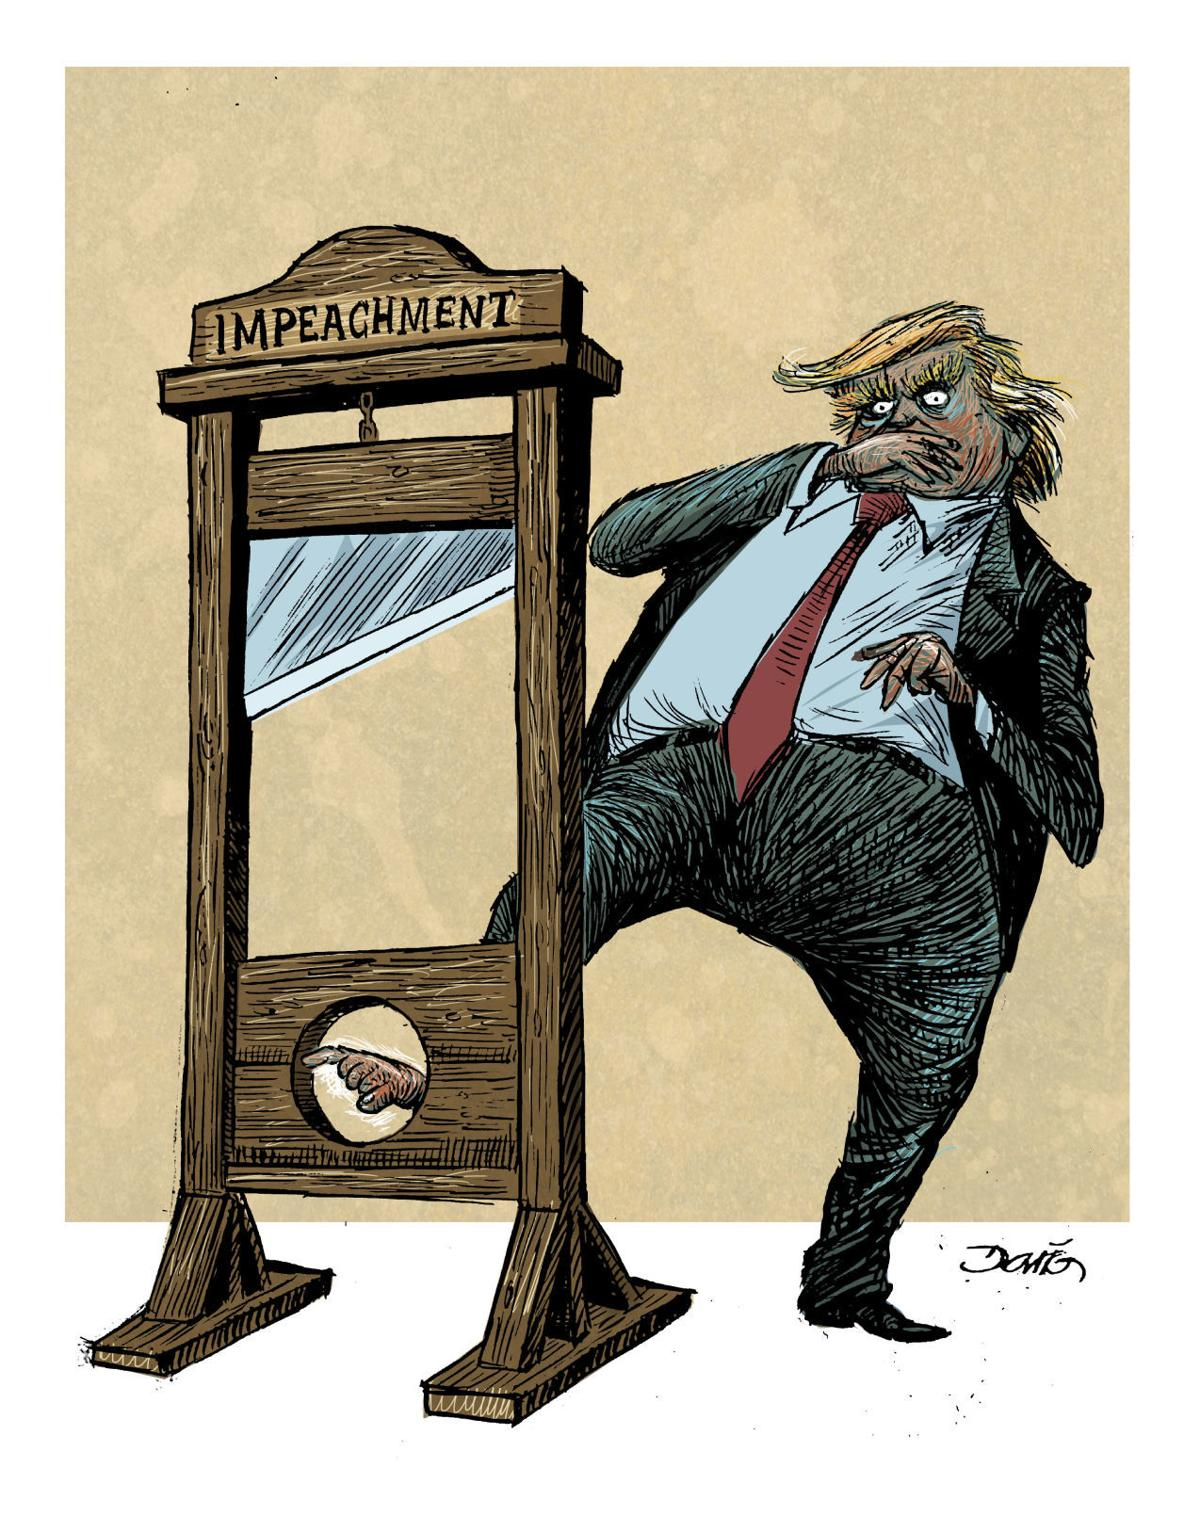 art_impeachment_dario